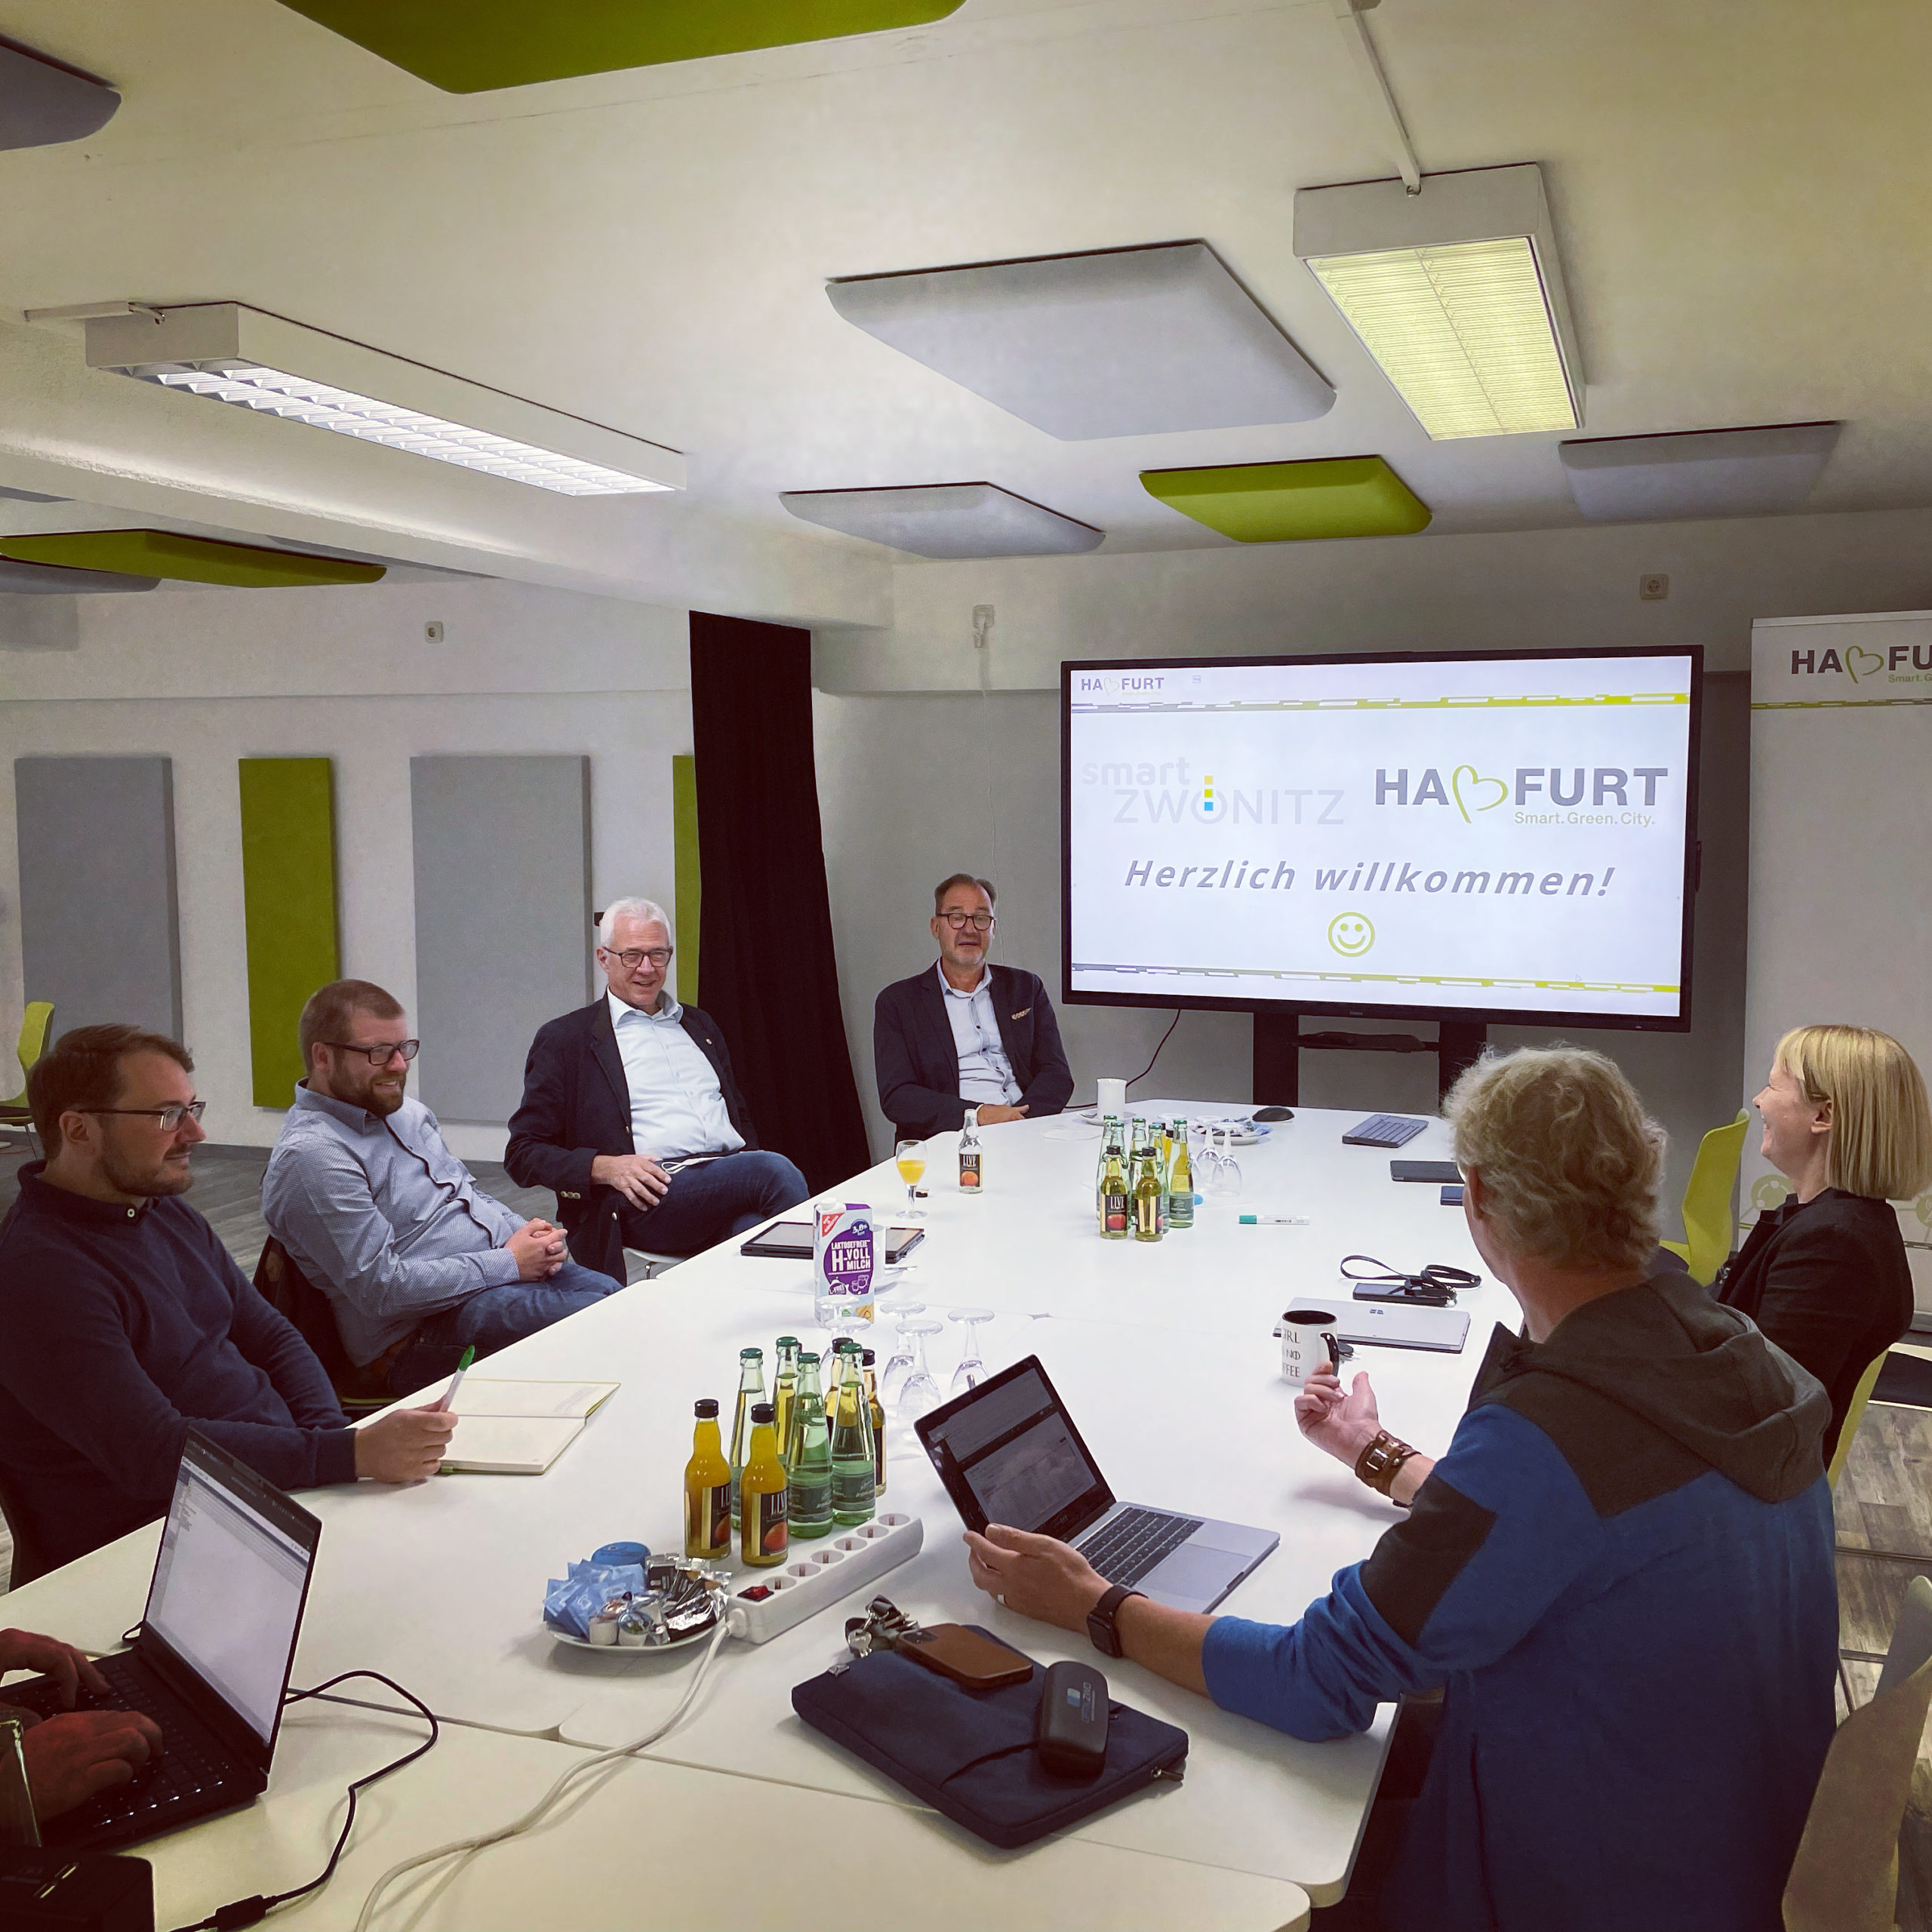 Vertreter der SC Zwönitz treffen sich mit der Smart Green City Haßfurt.